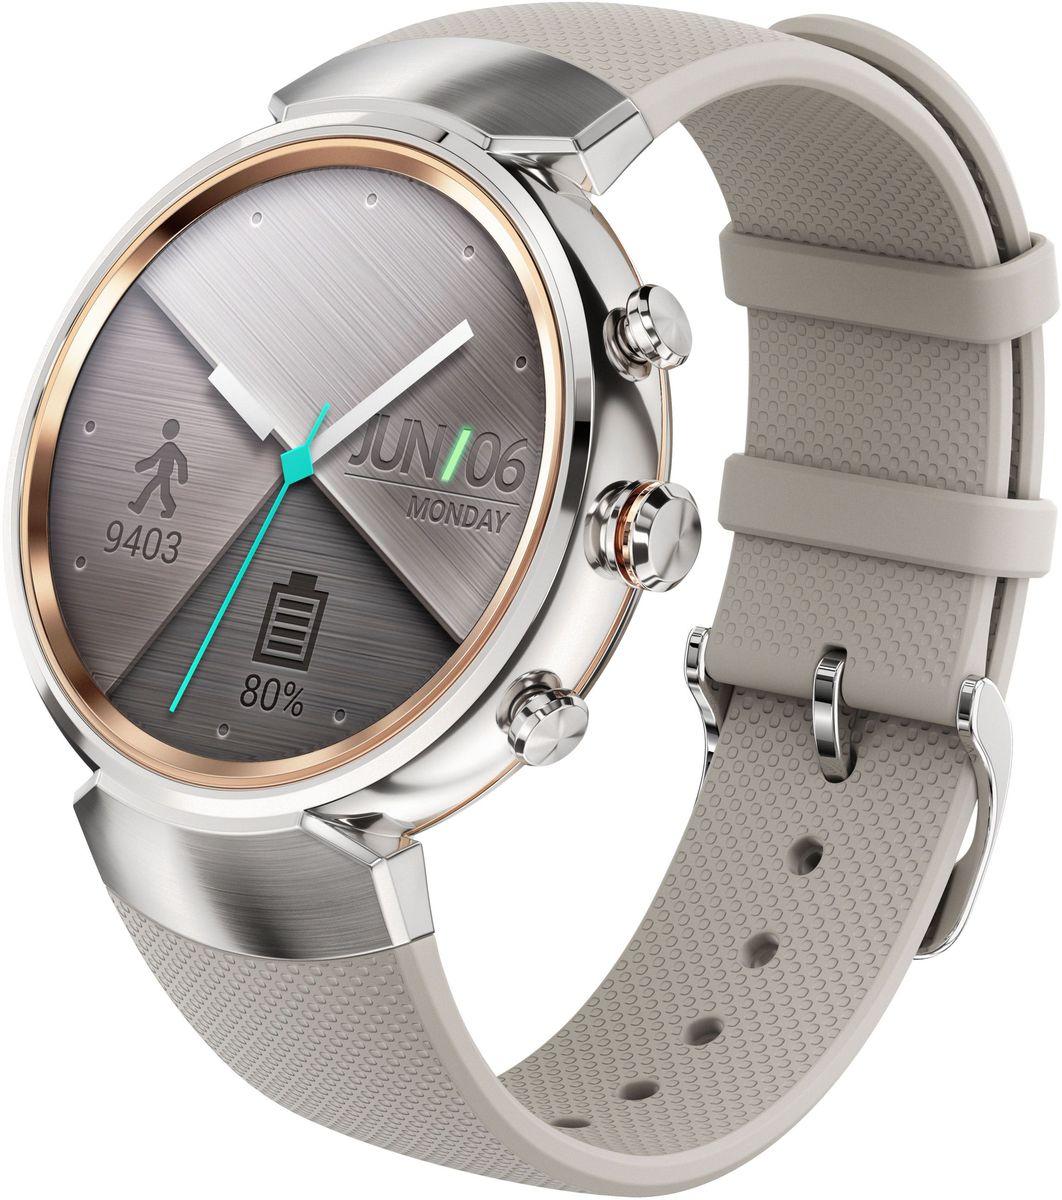 ASUS ZenWatch 3 WI503Q, Silver смарт-часыWI503Q-2RBGE0013ASUS ZenWatch 3 - это современное цифровое устройство, выполненное в соответствии с давними традициями часового искусства из высококачественных материалов и с вниманием к каждой детали. Эти часы умеют делать гораздо больше, чем просто показывать время, а благодаря широким возможностям по персонализации их интерфейса вы легко можете настроить их по своему вкусу. Длительное время автономной работы и технология быстрой подзарядки аккумулятора делают ASUS ZenWatch 3 по-настоящему мобильным устройством, которое всегда будет готово к работе. Своим внешним видом ASUS ZenWatch 3 ближе к традиционным часам, чем к современным цифровым гаджетам. Их стильный дизайн вдохновлен образом солнечного затмения, а широчайшая функциональность реализована с безупречным мастерством. Корпус часов ZenWatch 3 изготовлен из ювелирной нержавеющей стали марки 316L, которая наделяет их не только превосходным внешним видом, но и долговечностью, ведь ее прочность на 82% выше по...